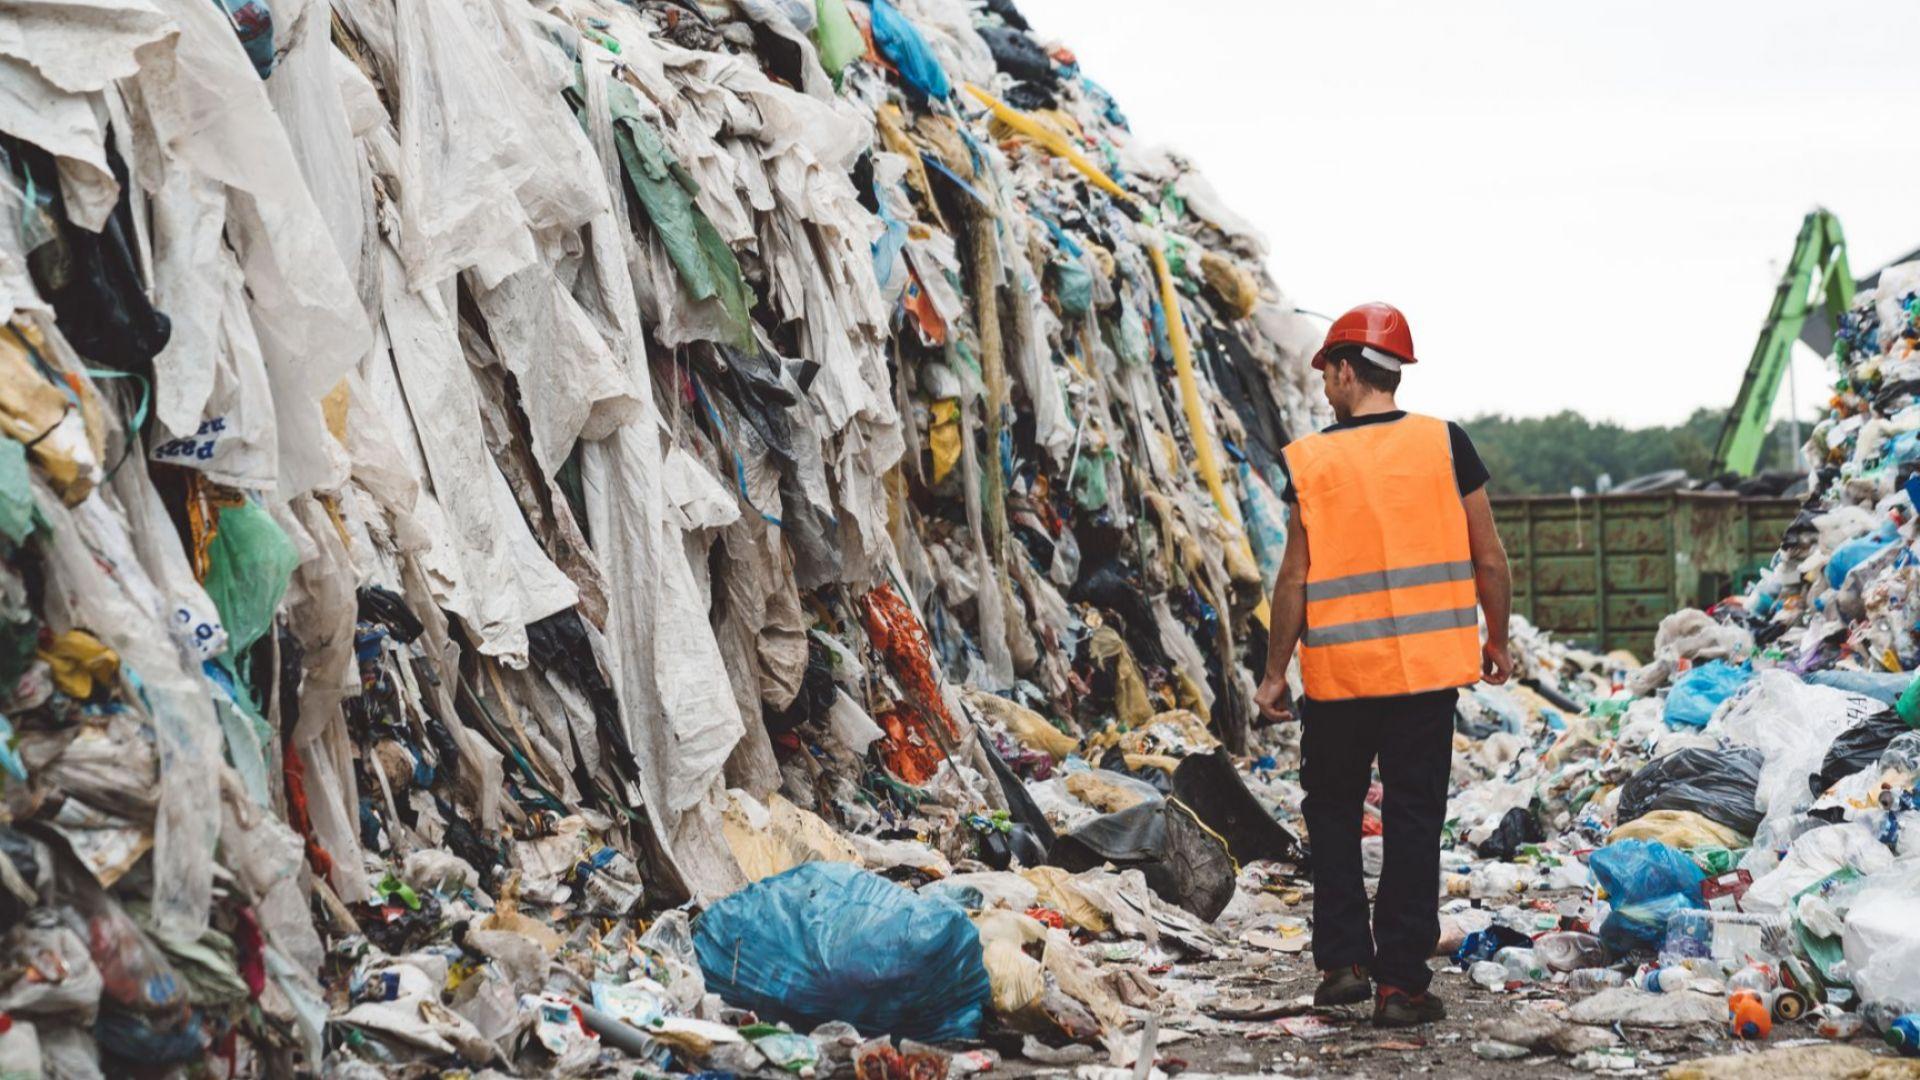 Новата пластмаса: Едва 1% от текстила се рециклира